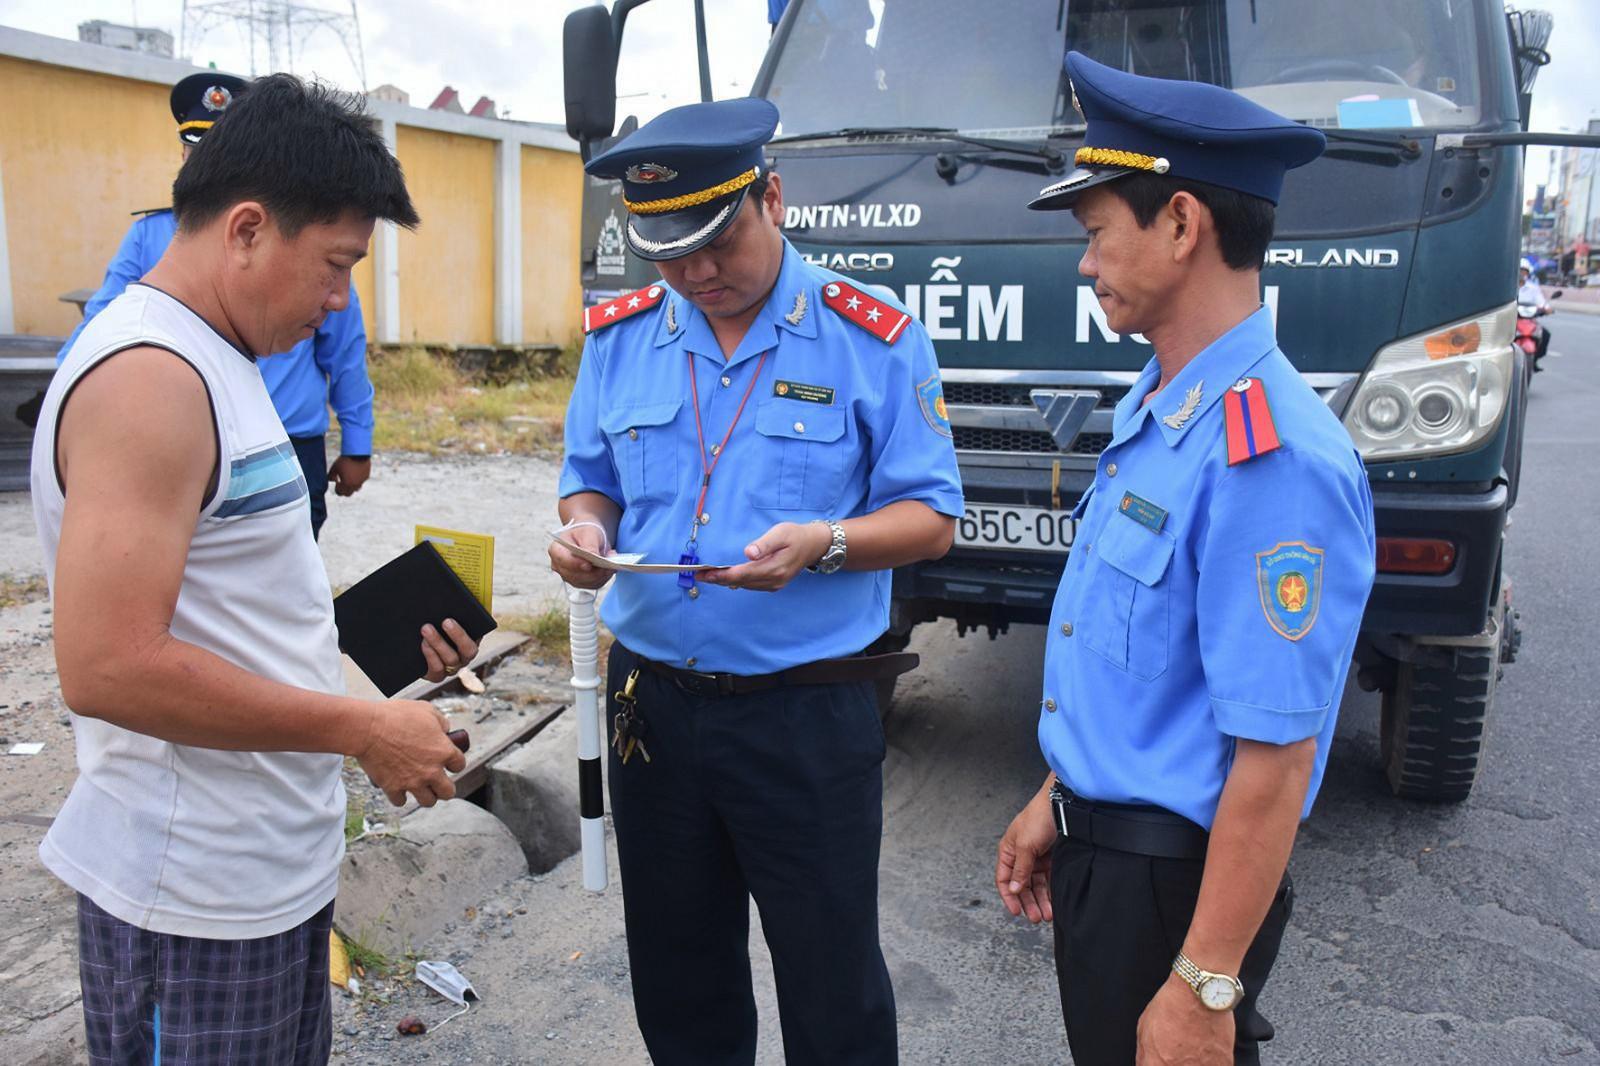 Thanh tra Sở GTVT TP Cần Thơ kiểm tra vi phạm hành chính đối với lái xe ô tô trên đường Nguyễn Văn Linh, thuộc quận Ninh Kiều.